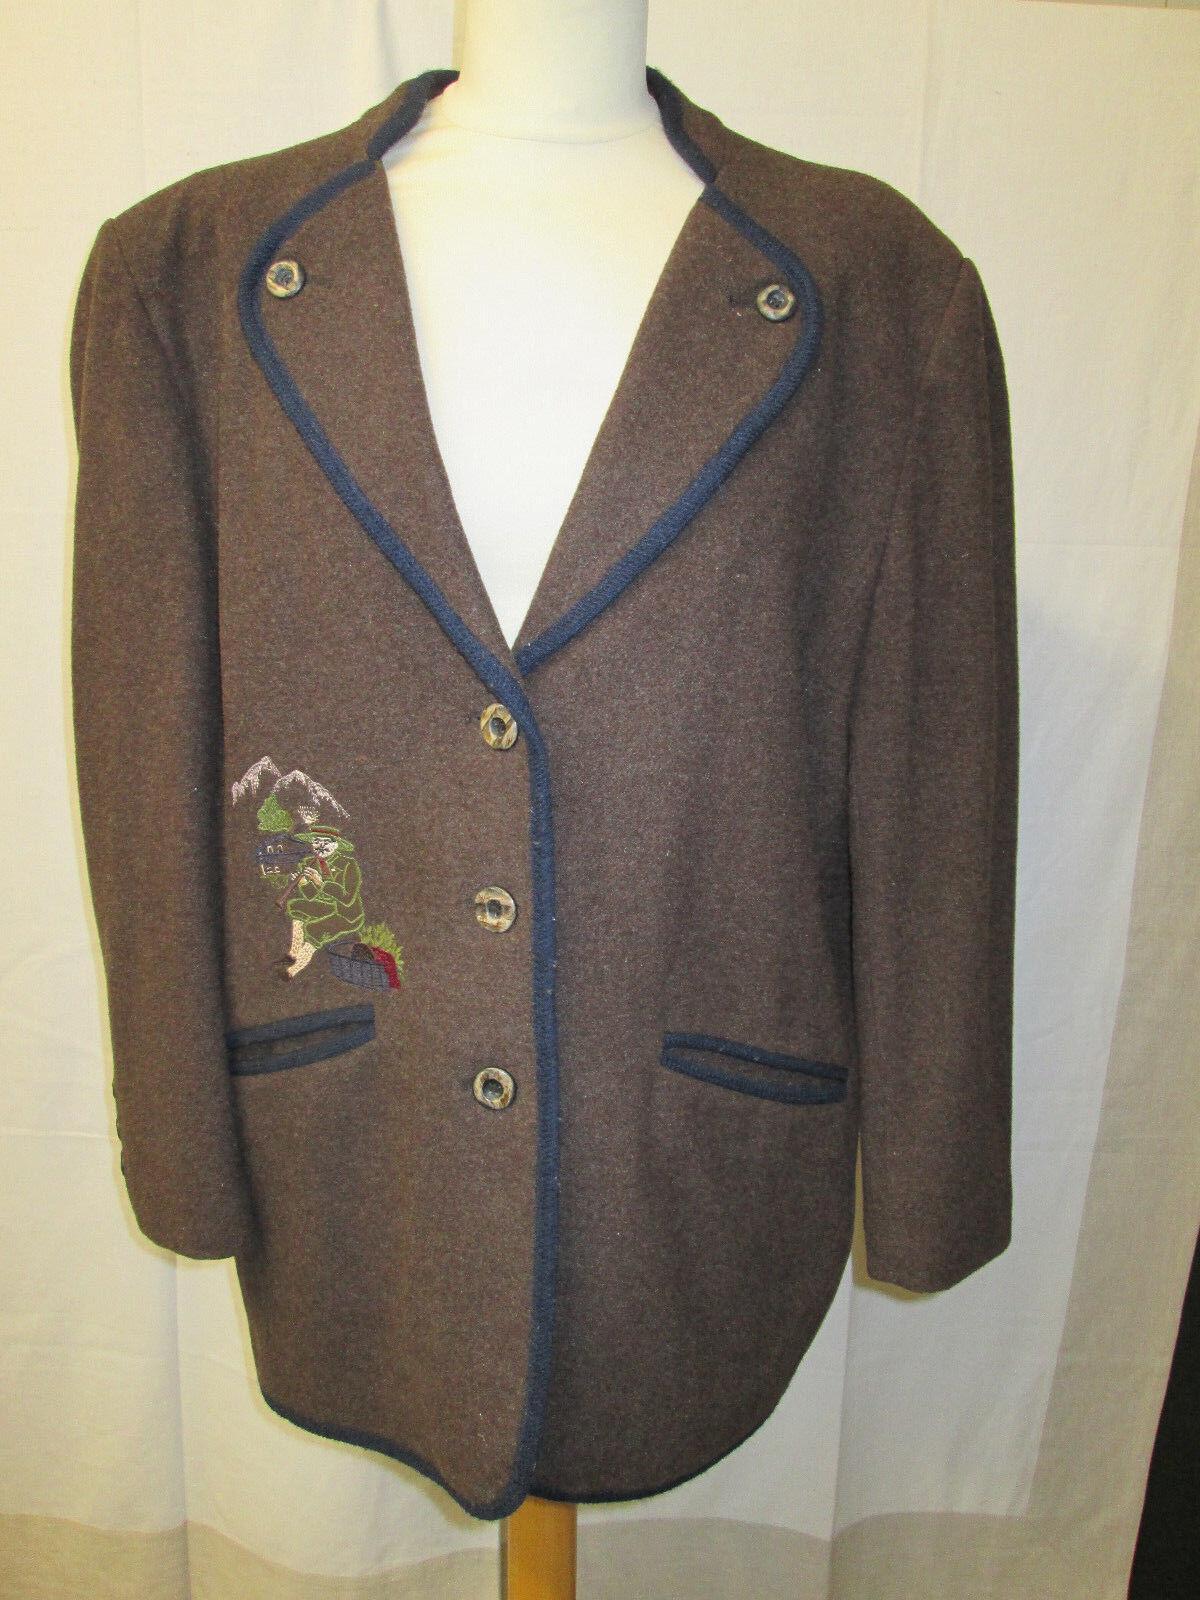 Damen Trachten Jacke Janker braun mit blauer Umrandung und Motiv Gr. 42